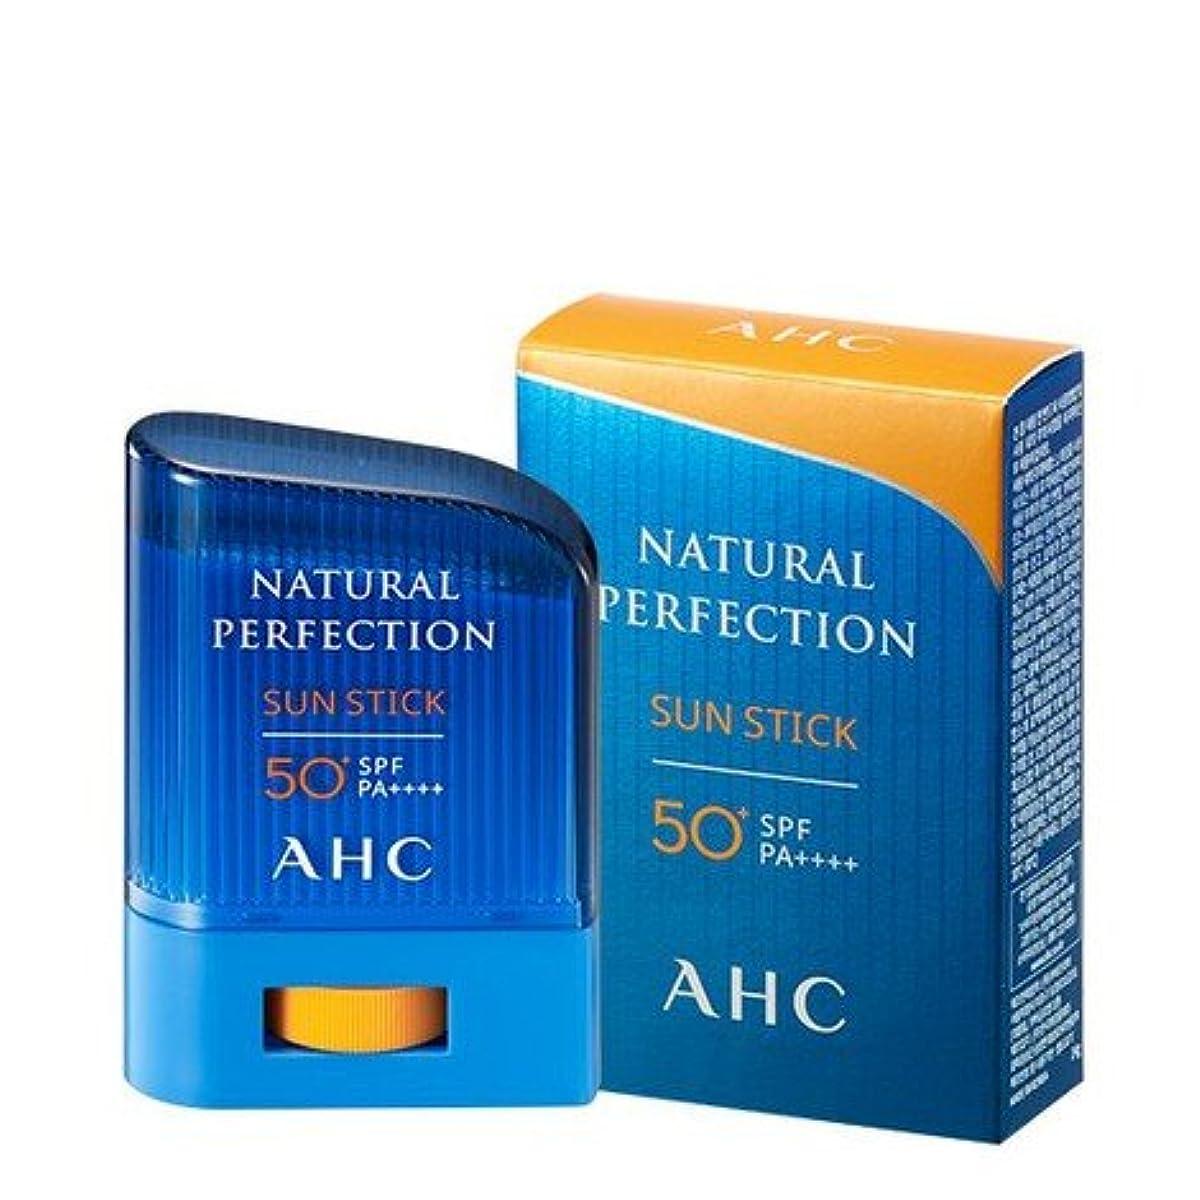 耐えられる逃す慢な[Renewal 最新] AHCナチュラルパーフェクション線スティック / AHC NATURAL PERFECTION SUN STICK [SPF 50+ / PA ++++] [並行輸入品] (22g)